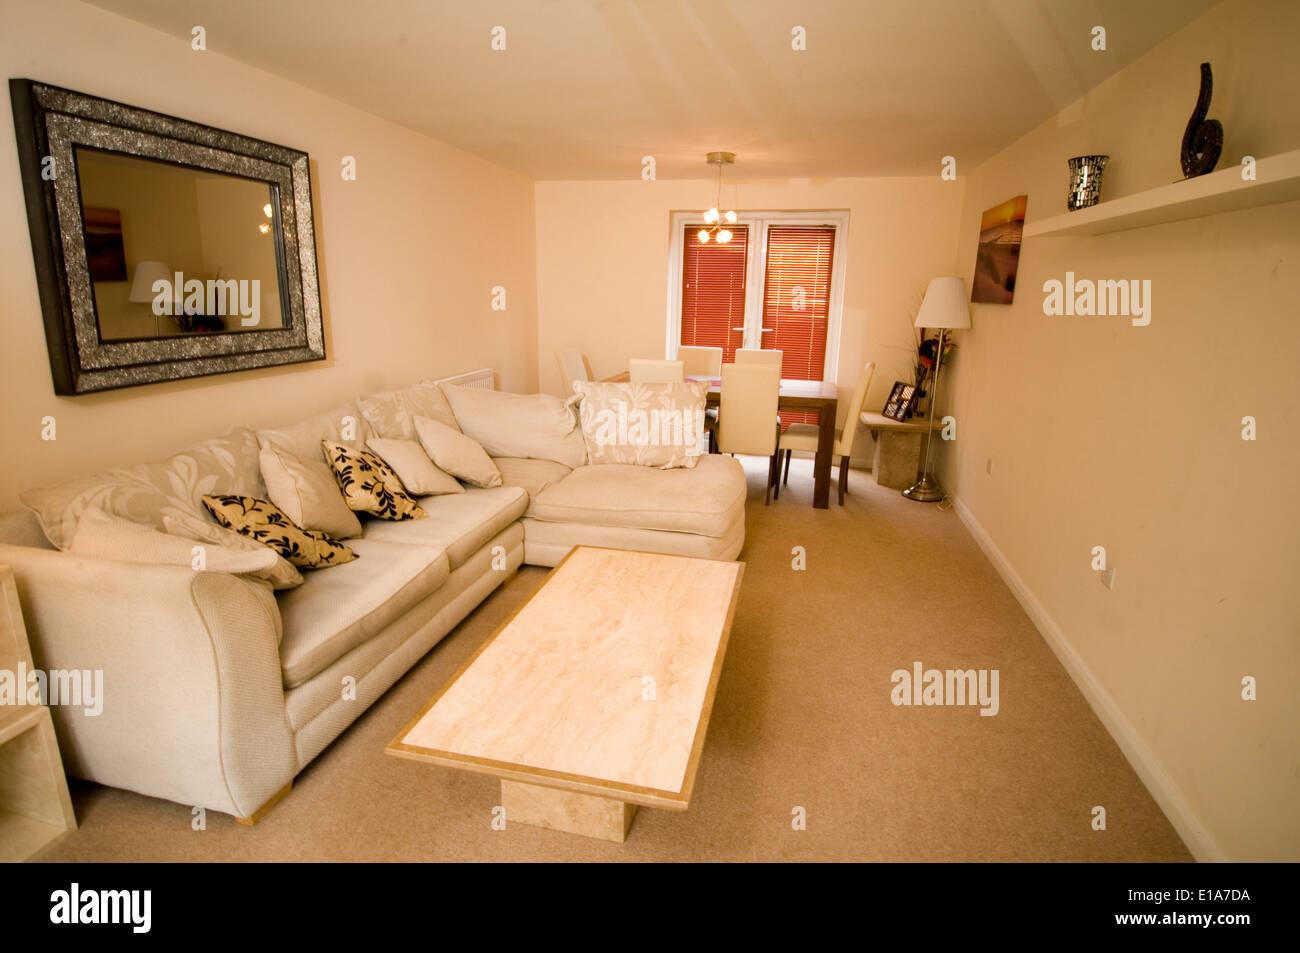 Moderne Durchschnittliches Hausdekoration Verziert Durchschnittliche  Typische Uk England Englisch Britisch Häuser Zimmer Innen Mittelklasse Hom